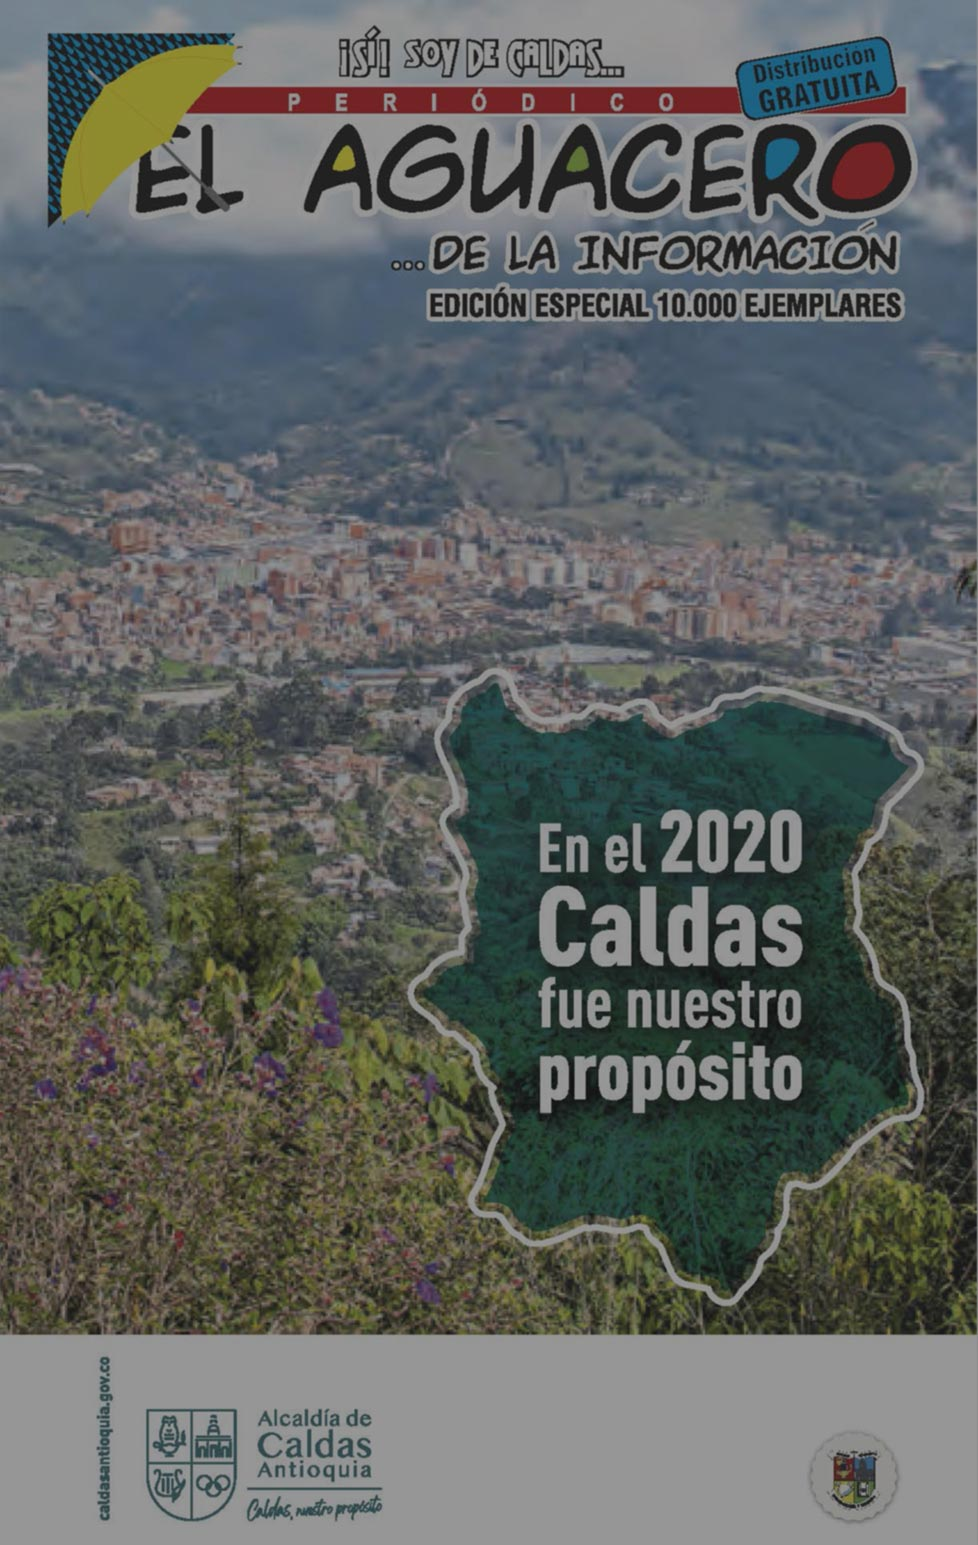 p20-periodico-El-Aguacero-Edicion-Especial-Alcaldia-de-Caldas